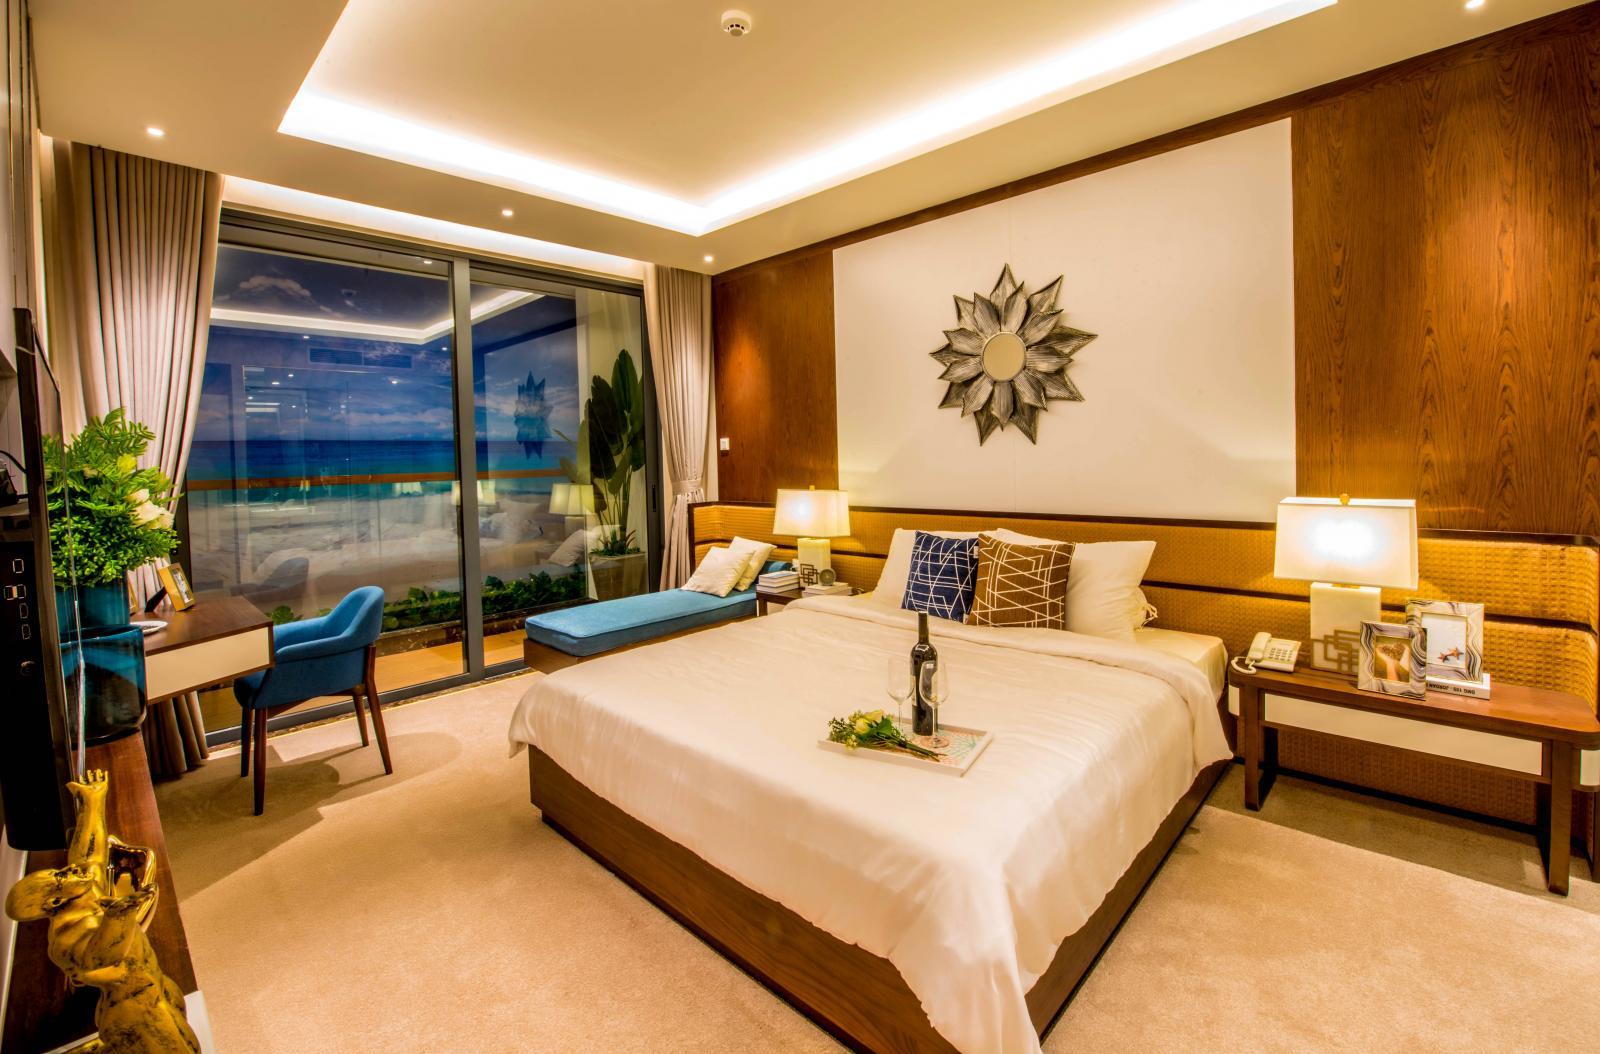 Một can phòng ngủ view biển với bộ ga giường màu trắng có chai rượu để trên giường,